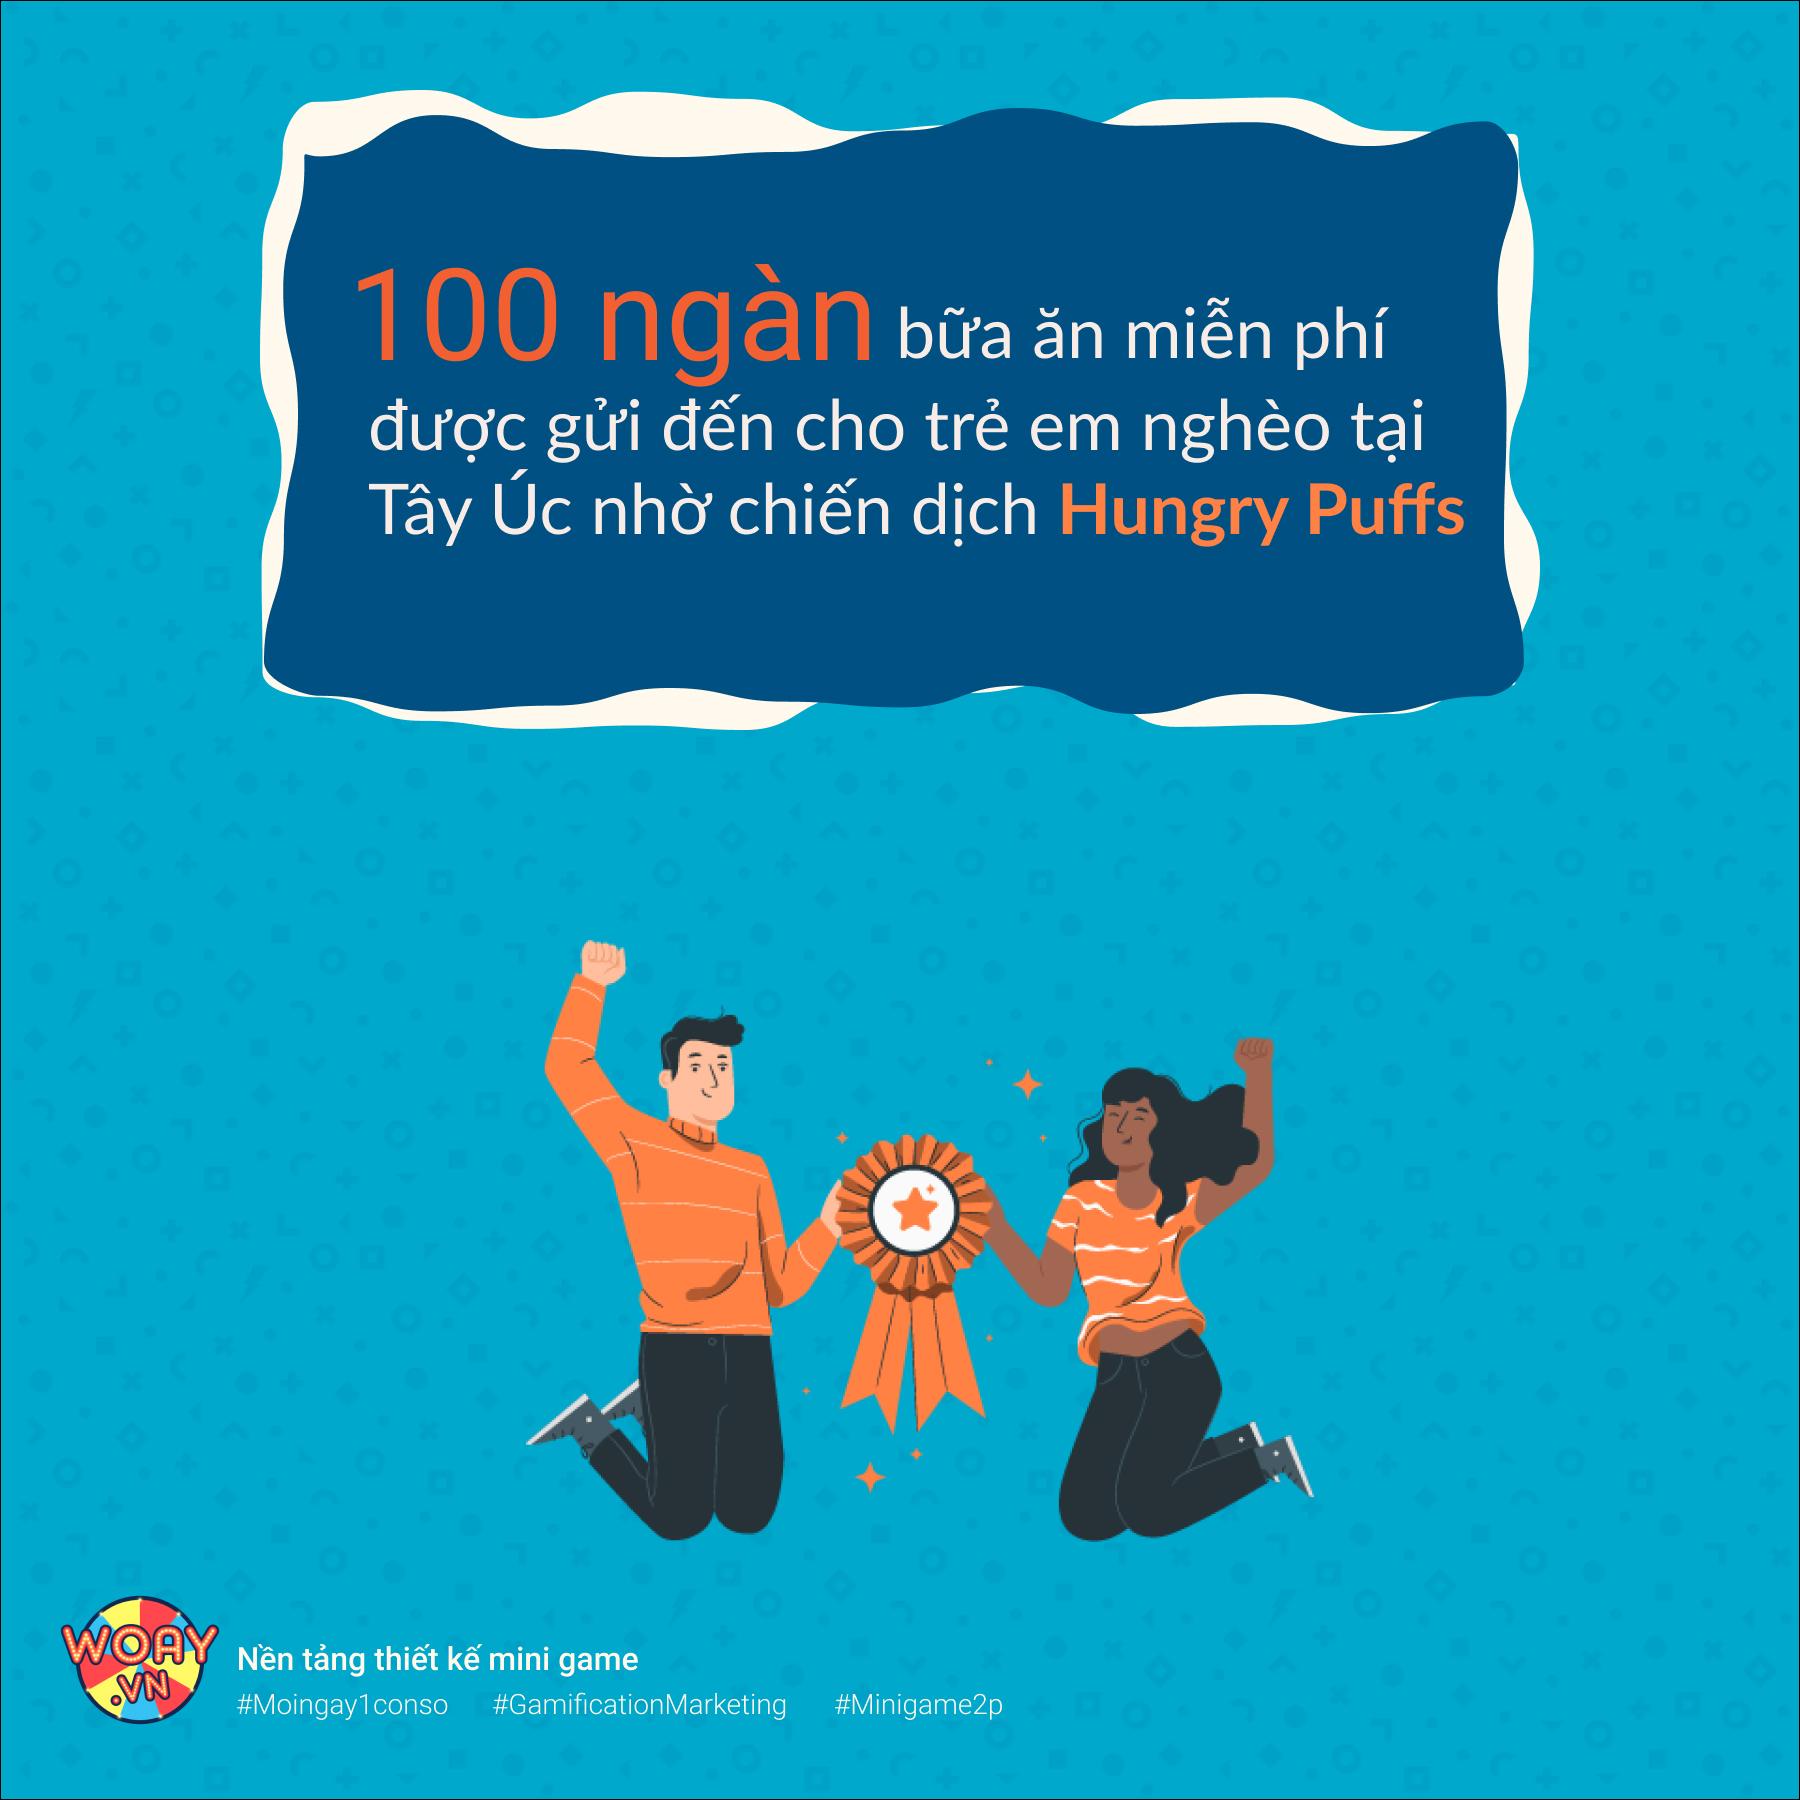 100.000 bữa ăn miễn phí được gửi đến cho trẻ em nghèo tại Tây Úc nhờ chiến dịch Hungry Puffs.